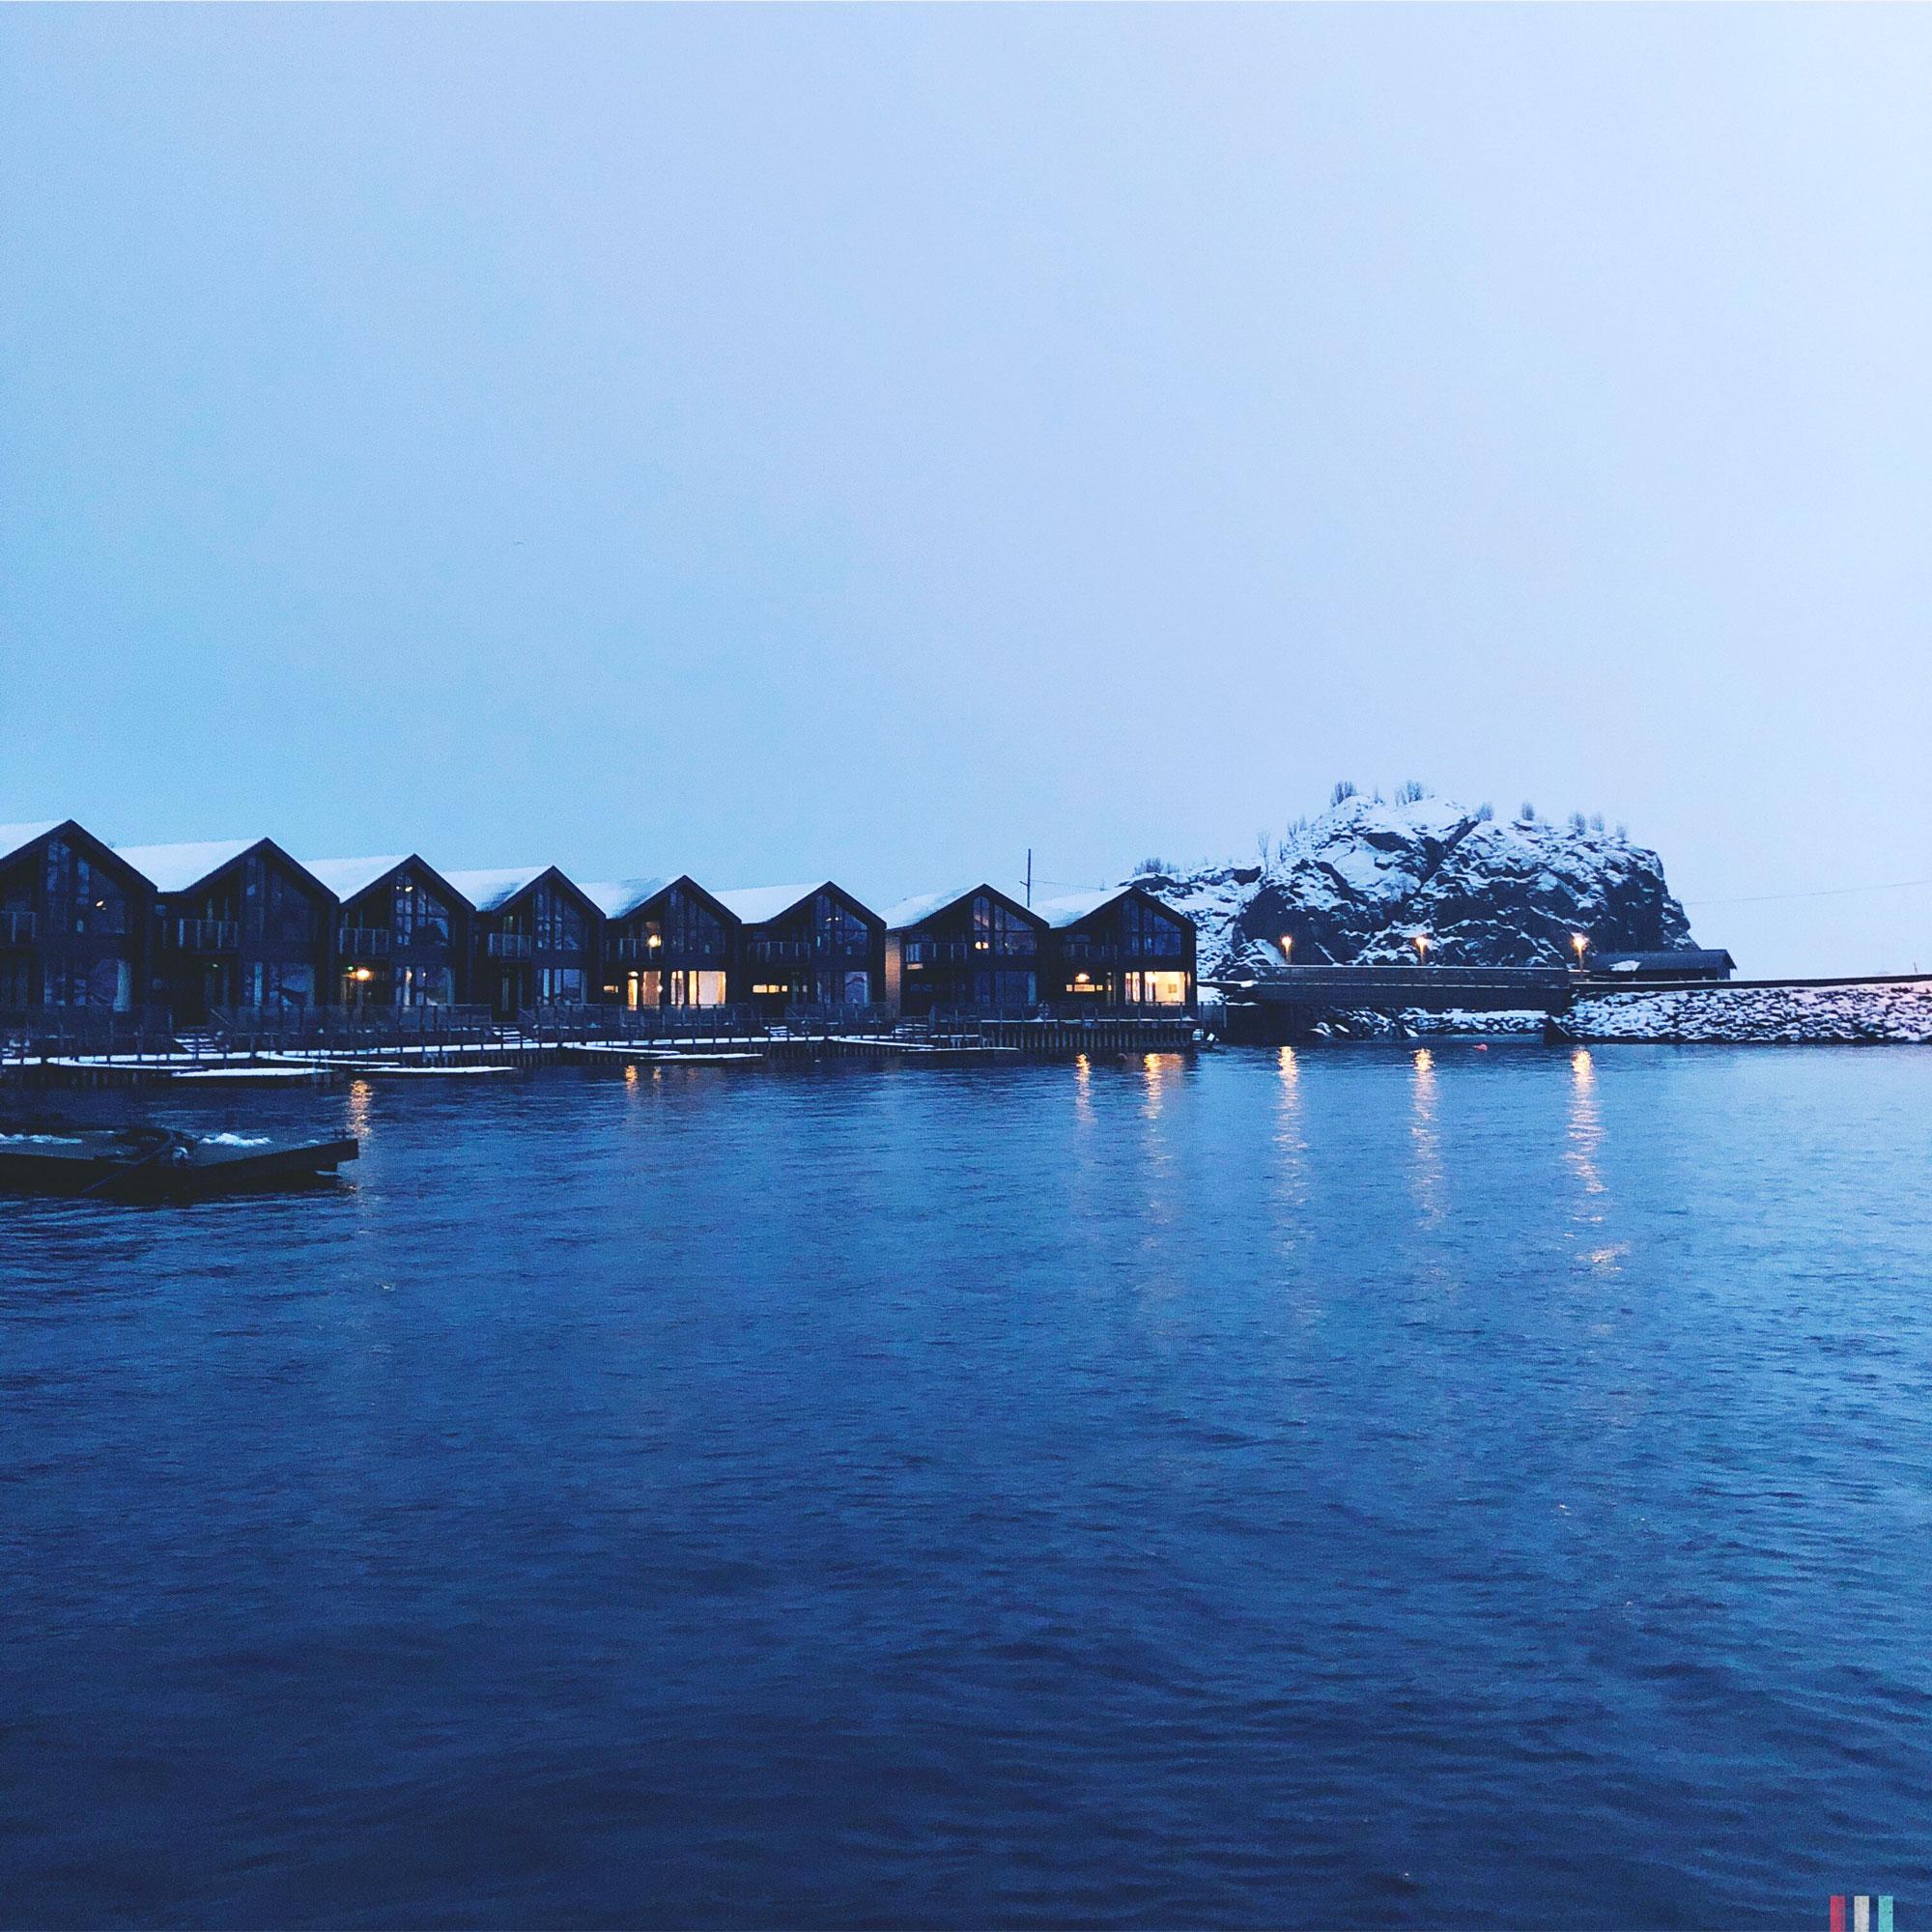 norwegen-senja-hamn-02.jpg